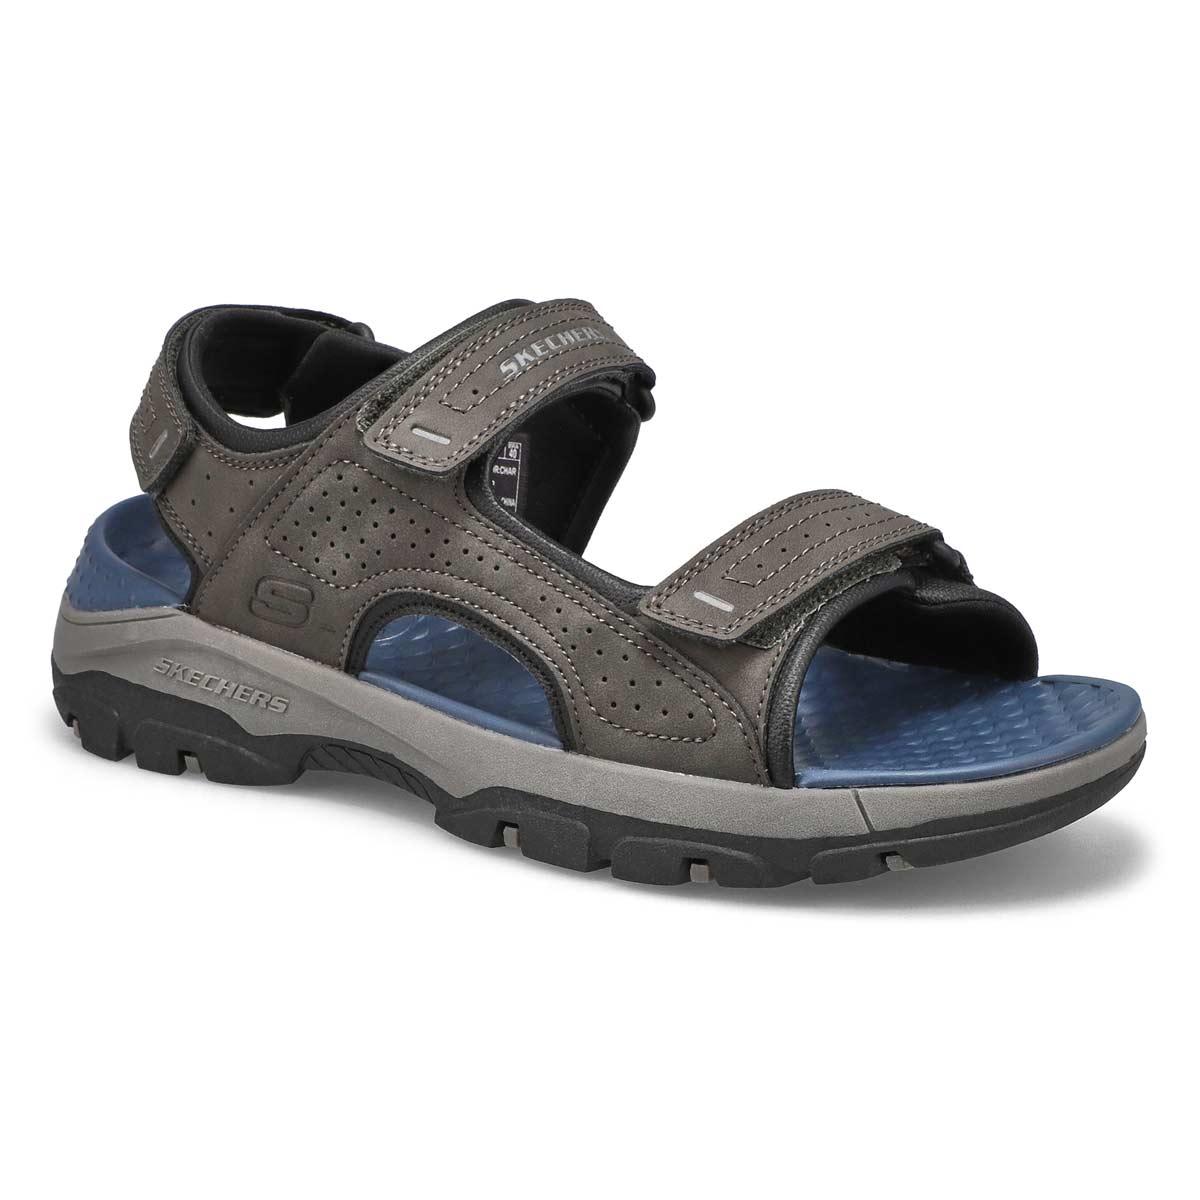 Men's Tresmen Garo Sport Sandals - Charcoal